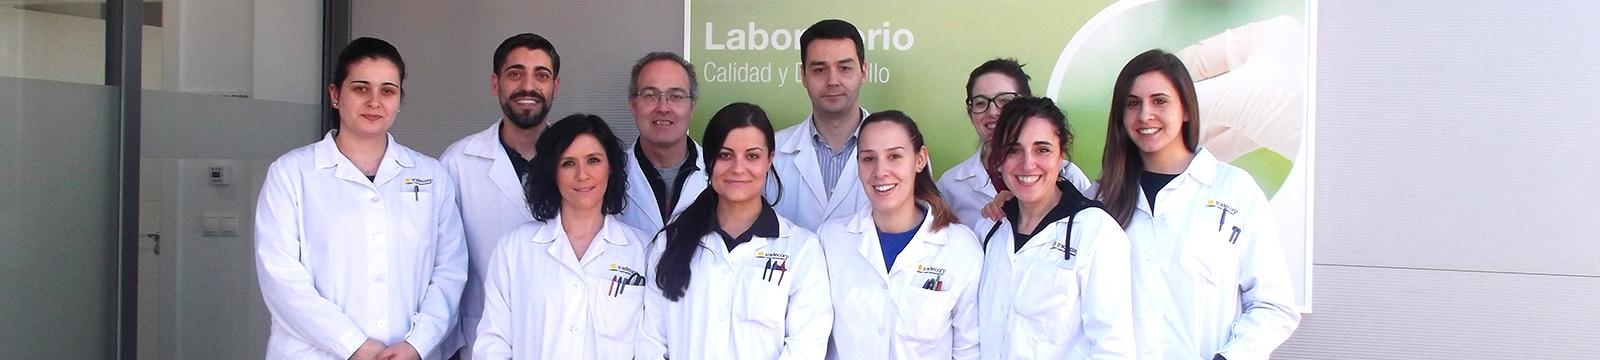 Hablamos con Jorge Barbero sobre la remodelación y ampliación del laboratorio de la fábrica de Albacete